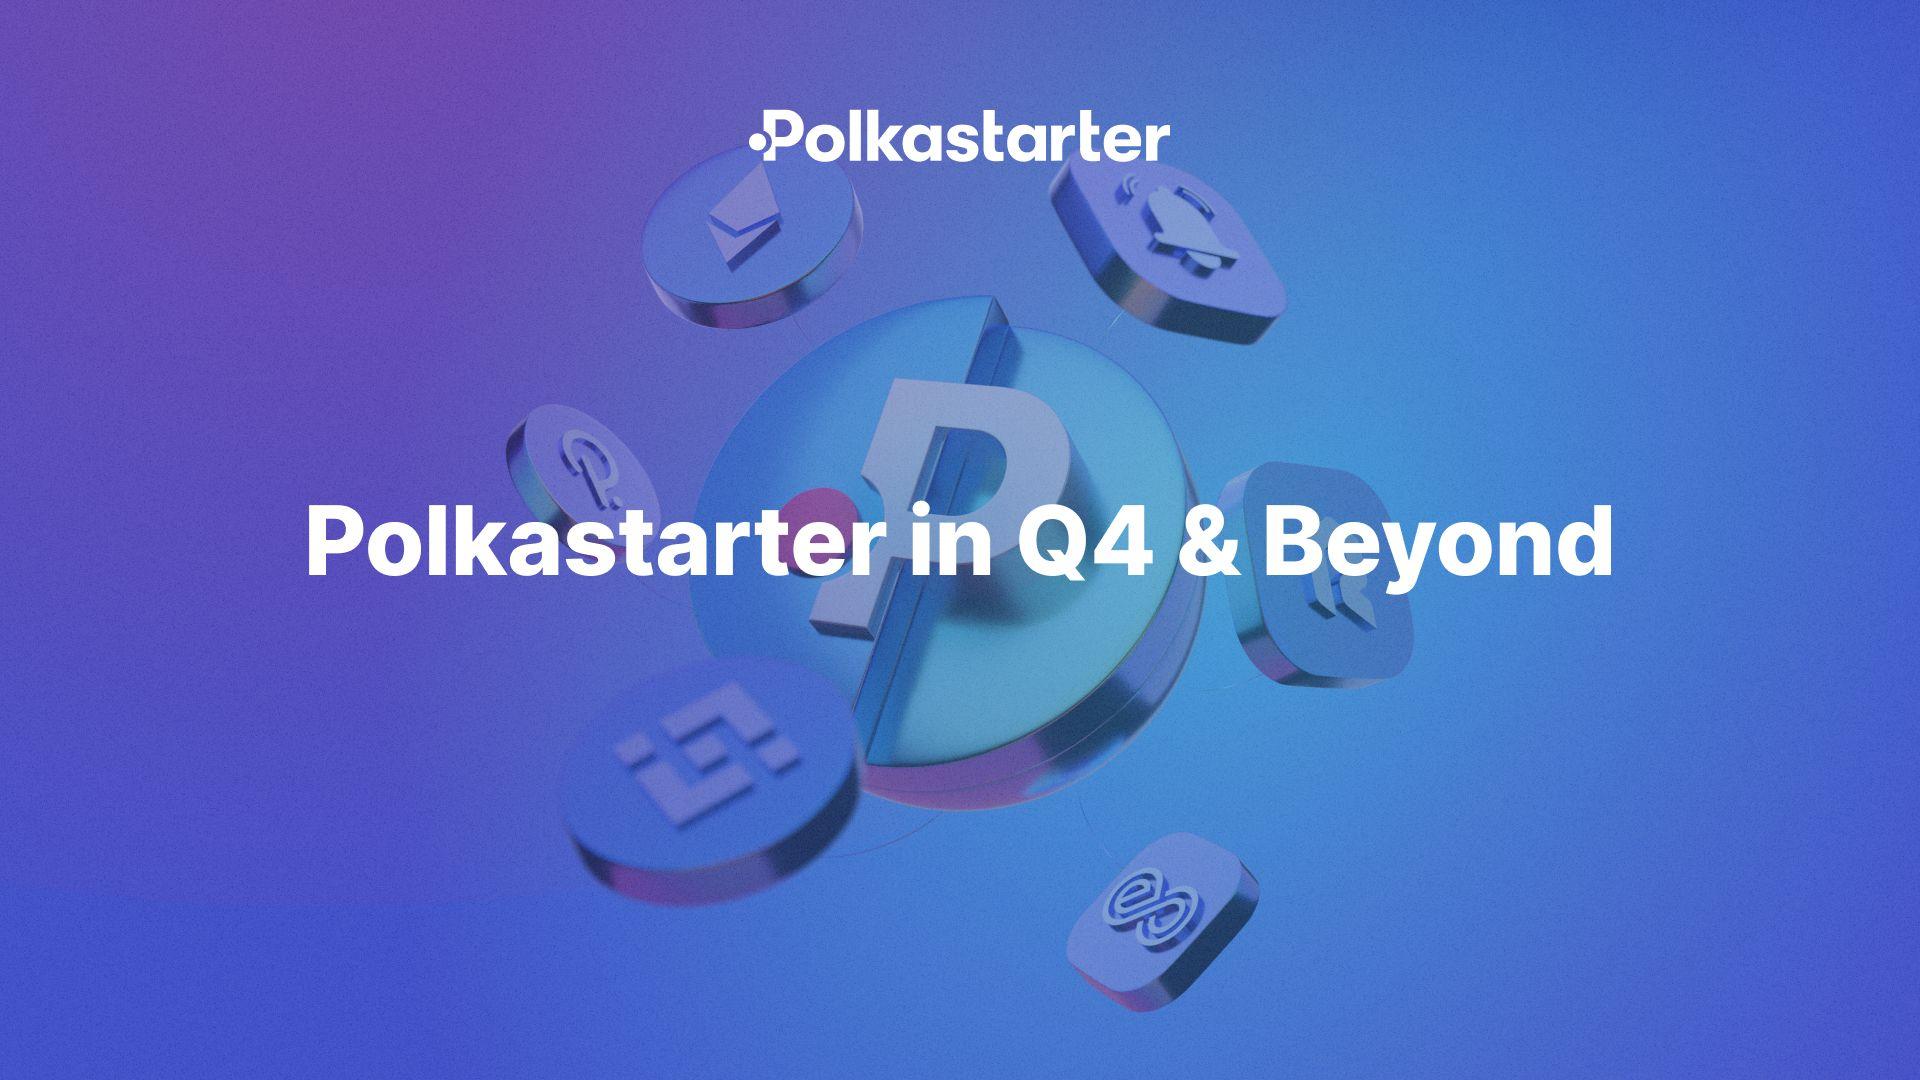 Polkastarter in Q4 & Beyond